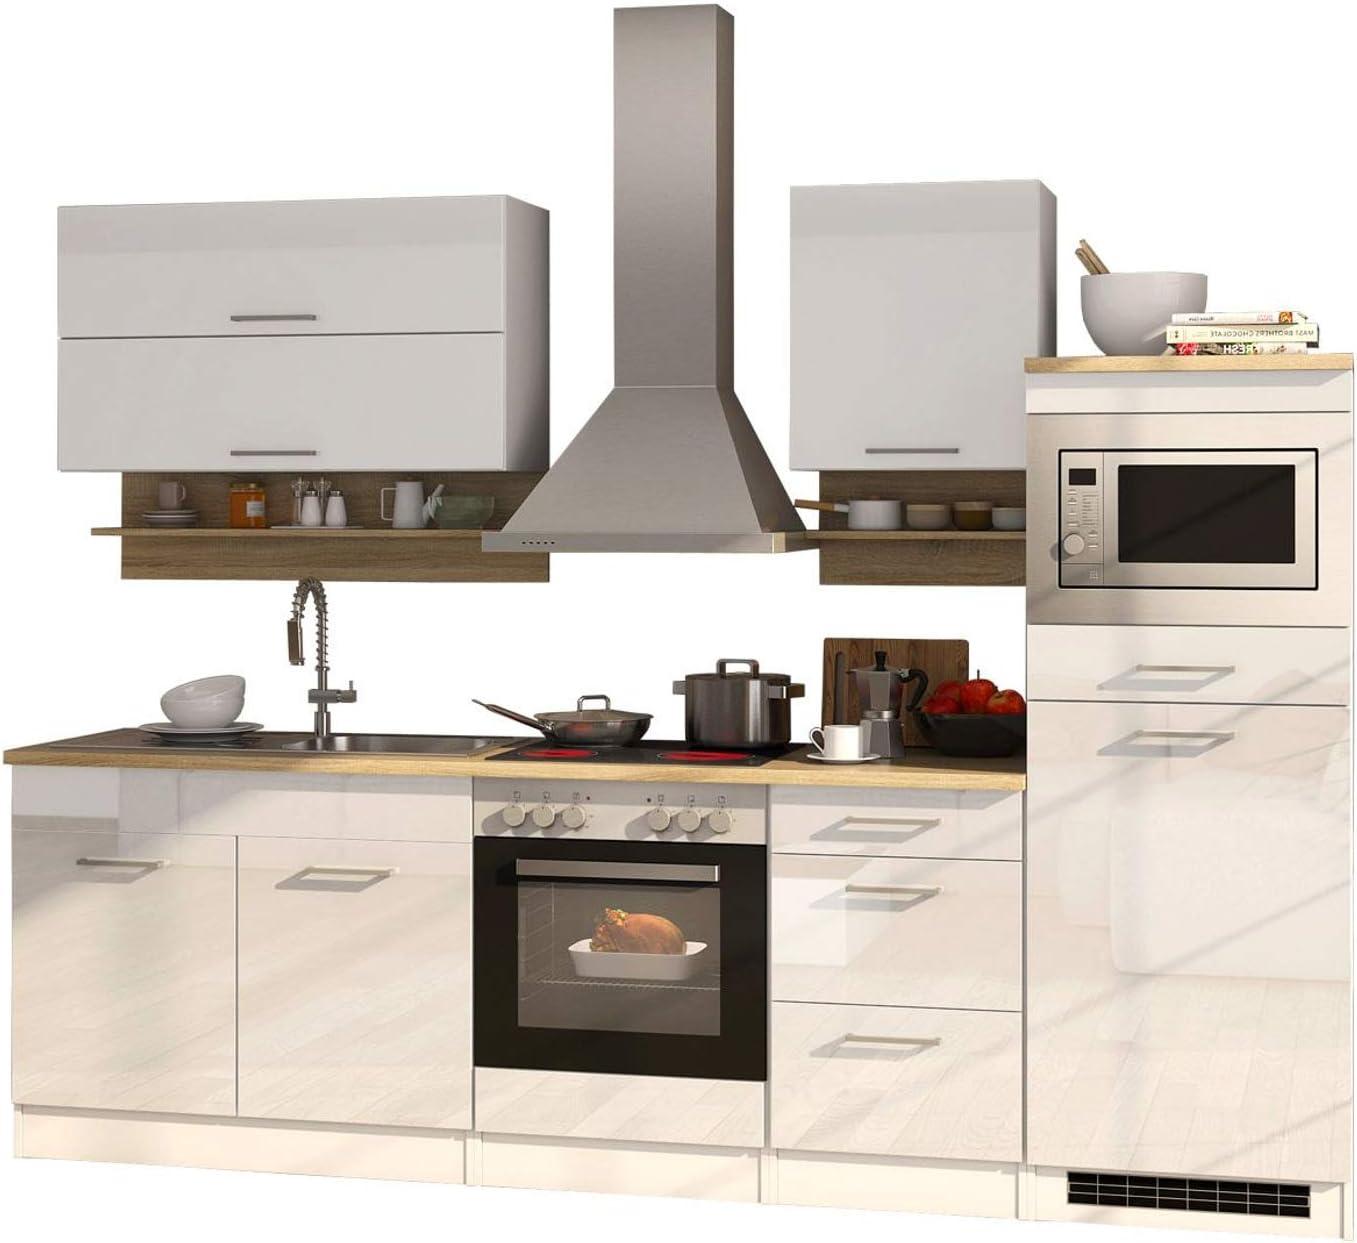 Lifestyle4living - Bloque de cocina con electrodomésticos (270 cm), color blanco brillante y roble: Amazon.es: Hogar